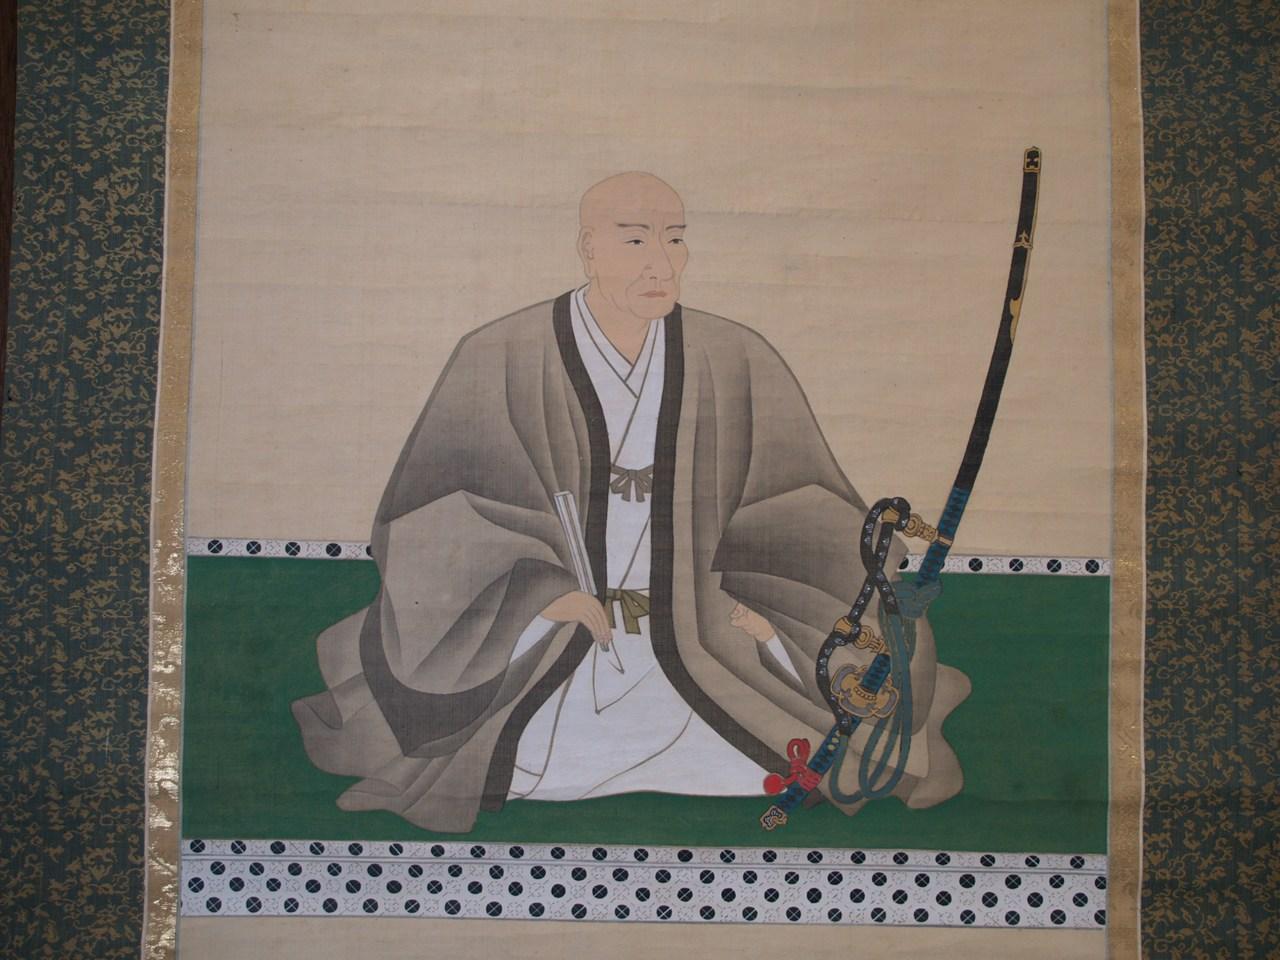 禅高公図像 2